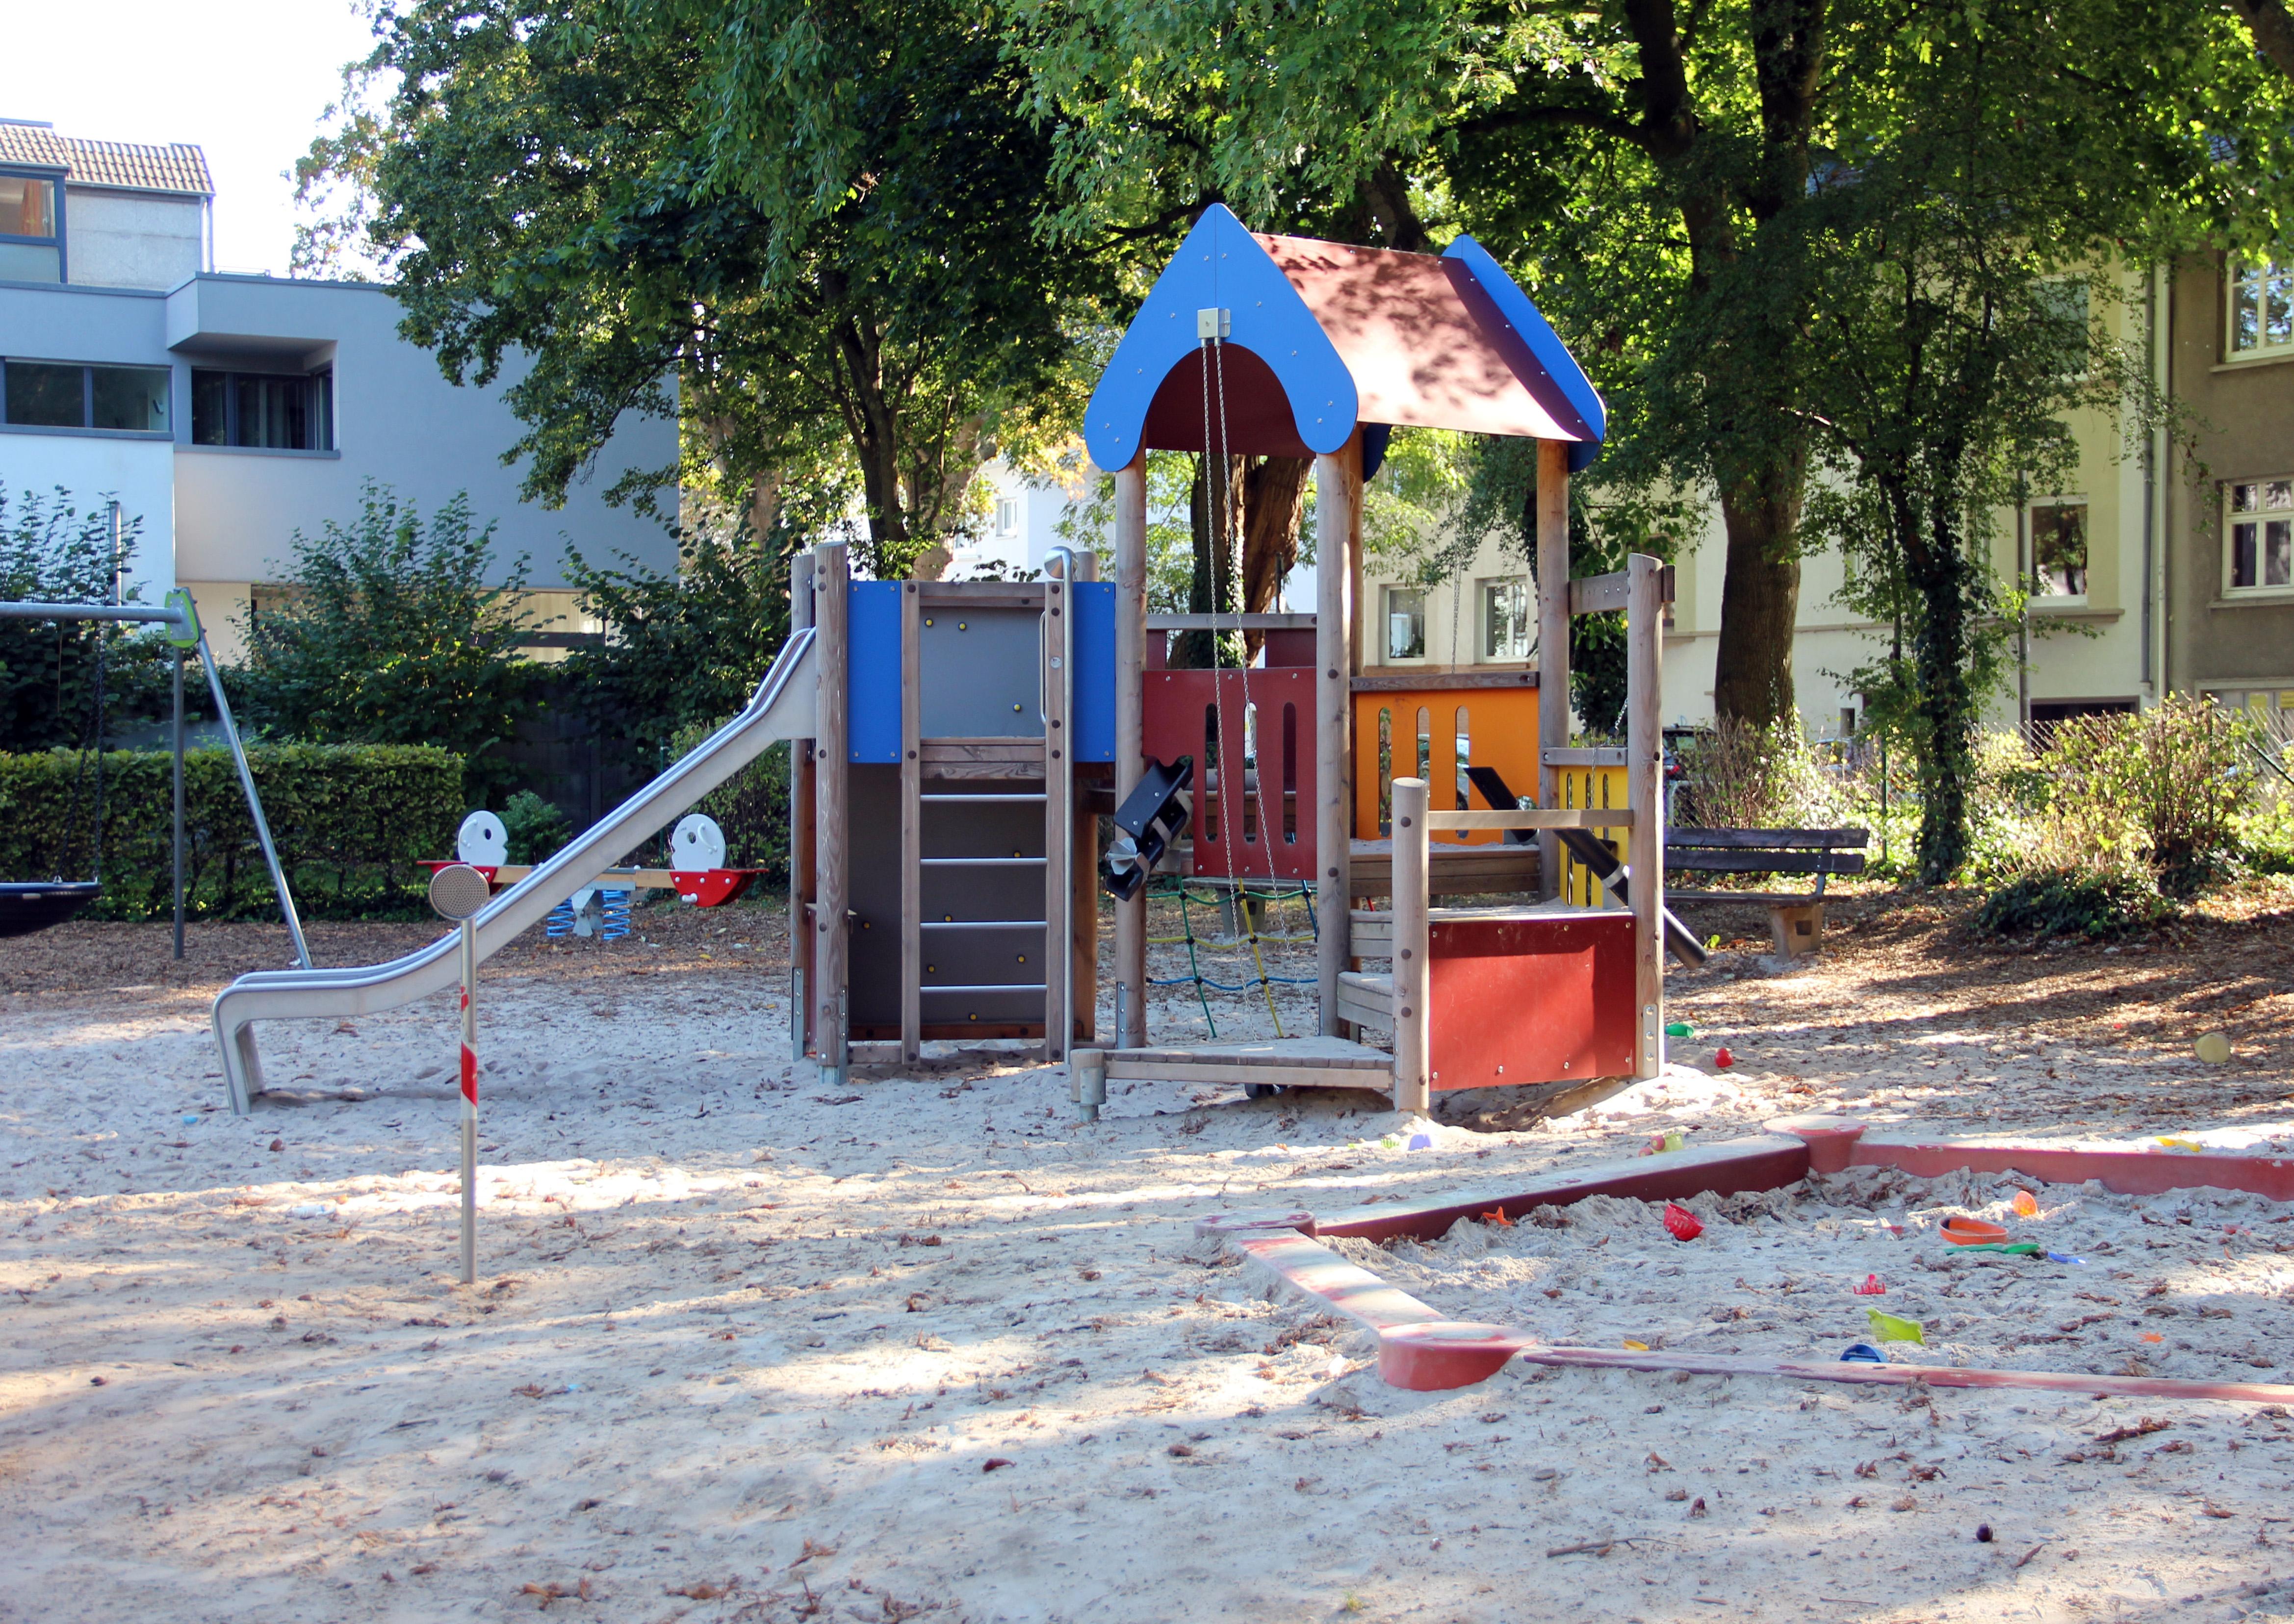 img_5416kleinkindgeraet_ferberpark